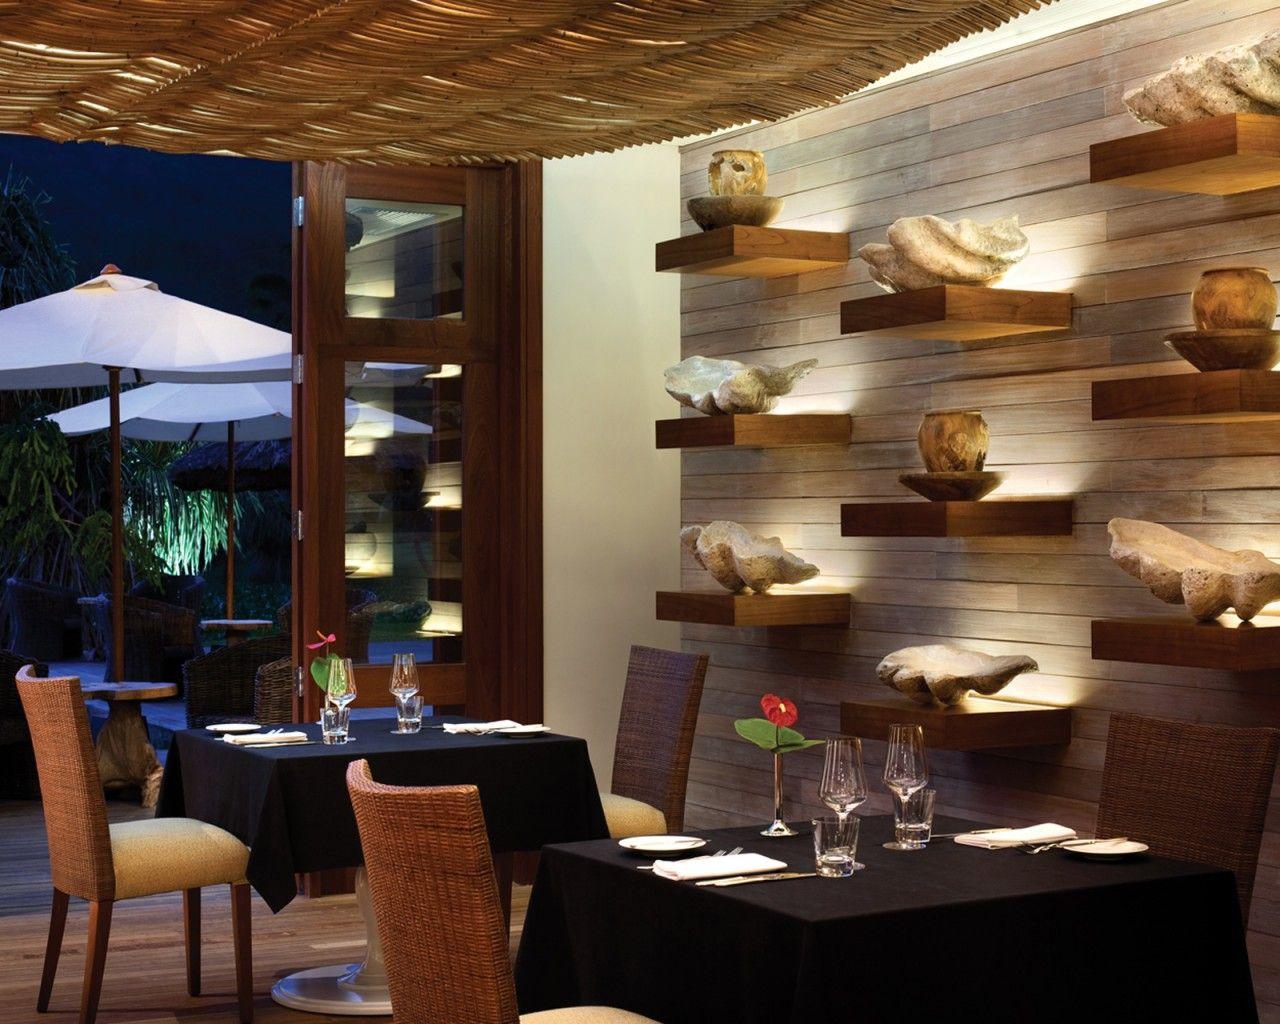 Restaurant Design Ideas | ... restaurant-interior-design-and ...